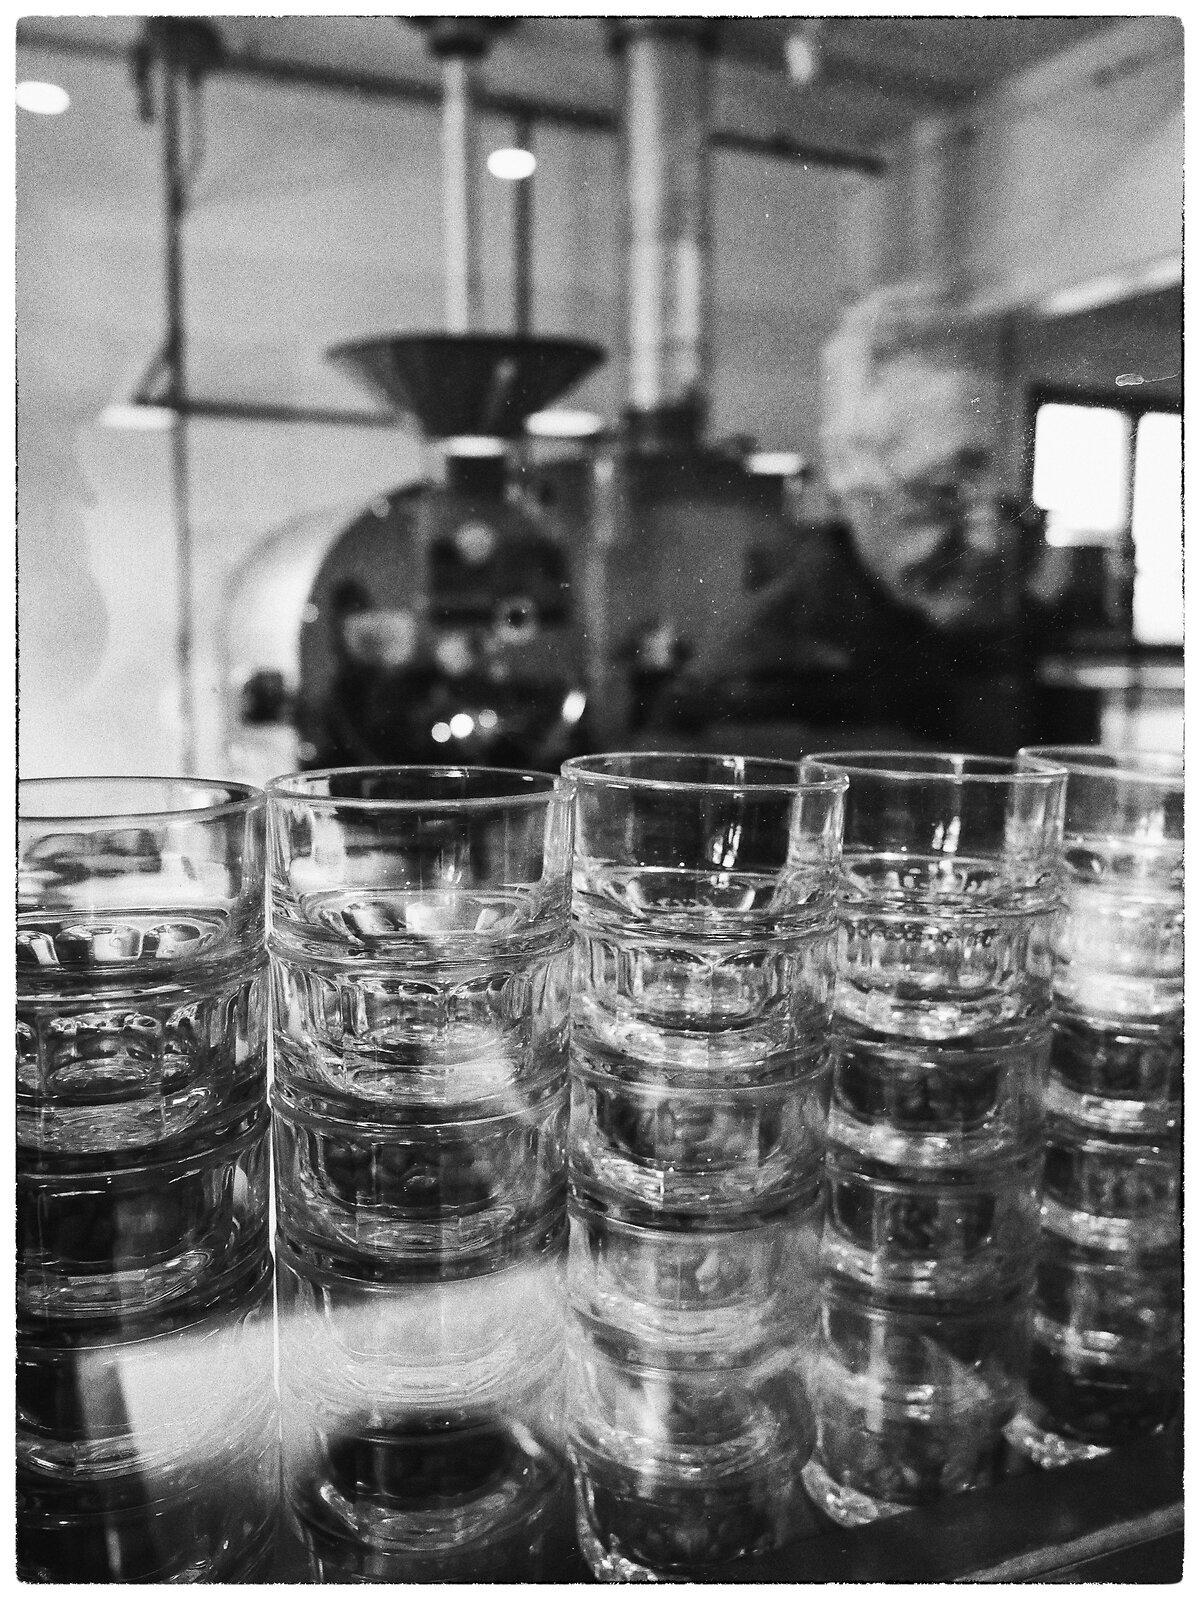 GX9_June11_21_coffee_glasses(l.mono.d).jpg